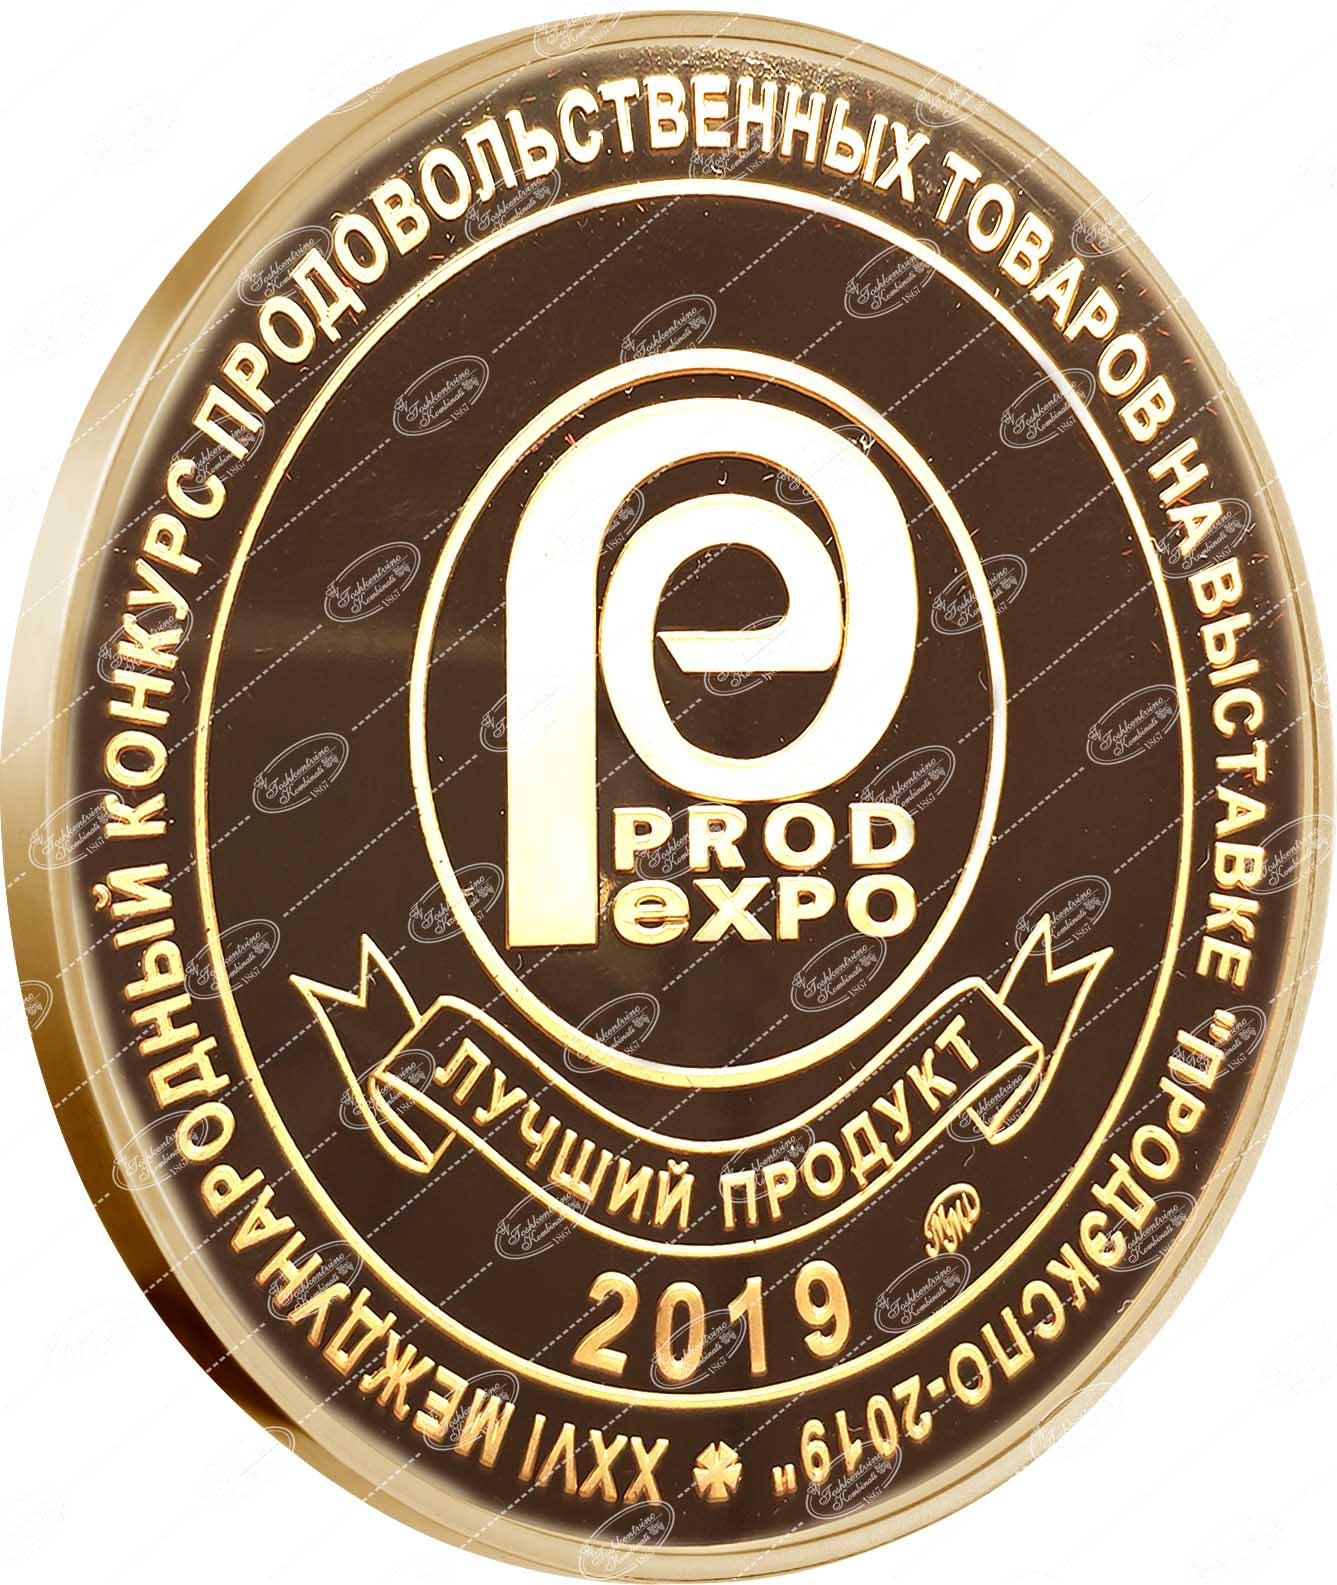 Золотая медаль - Лучший продукт 2019